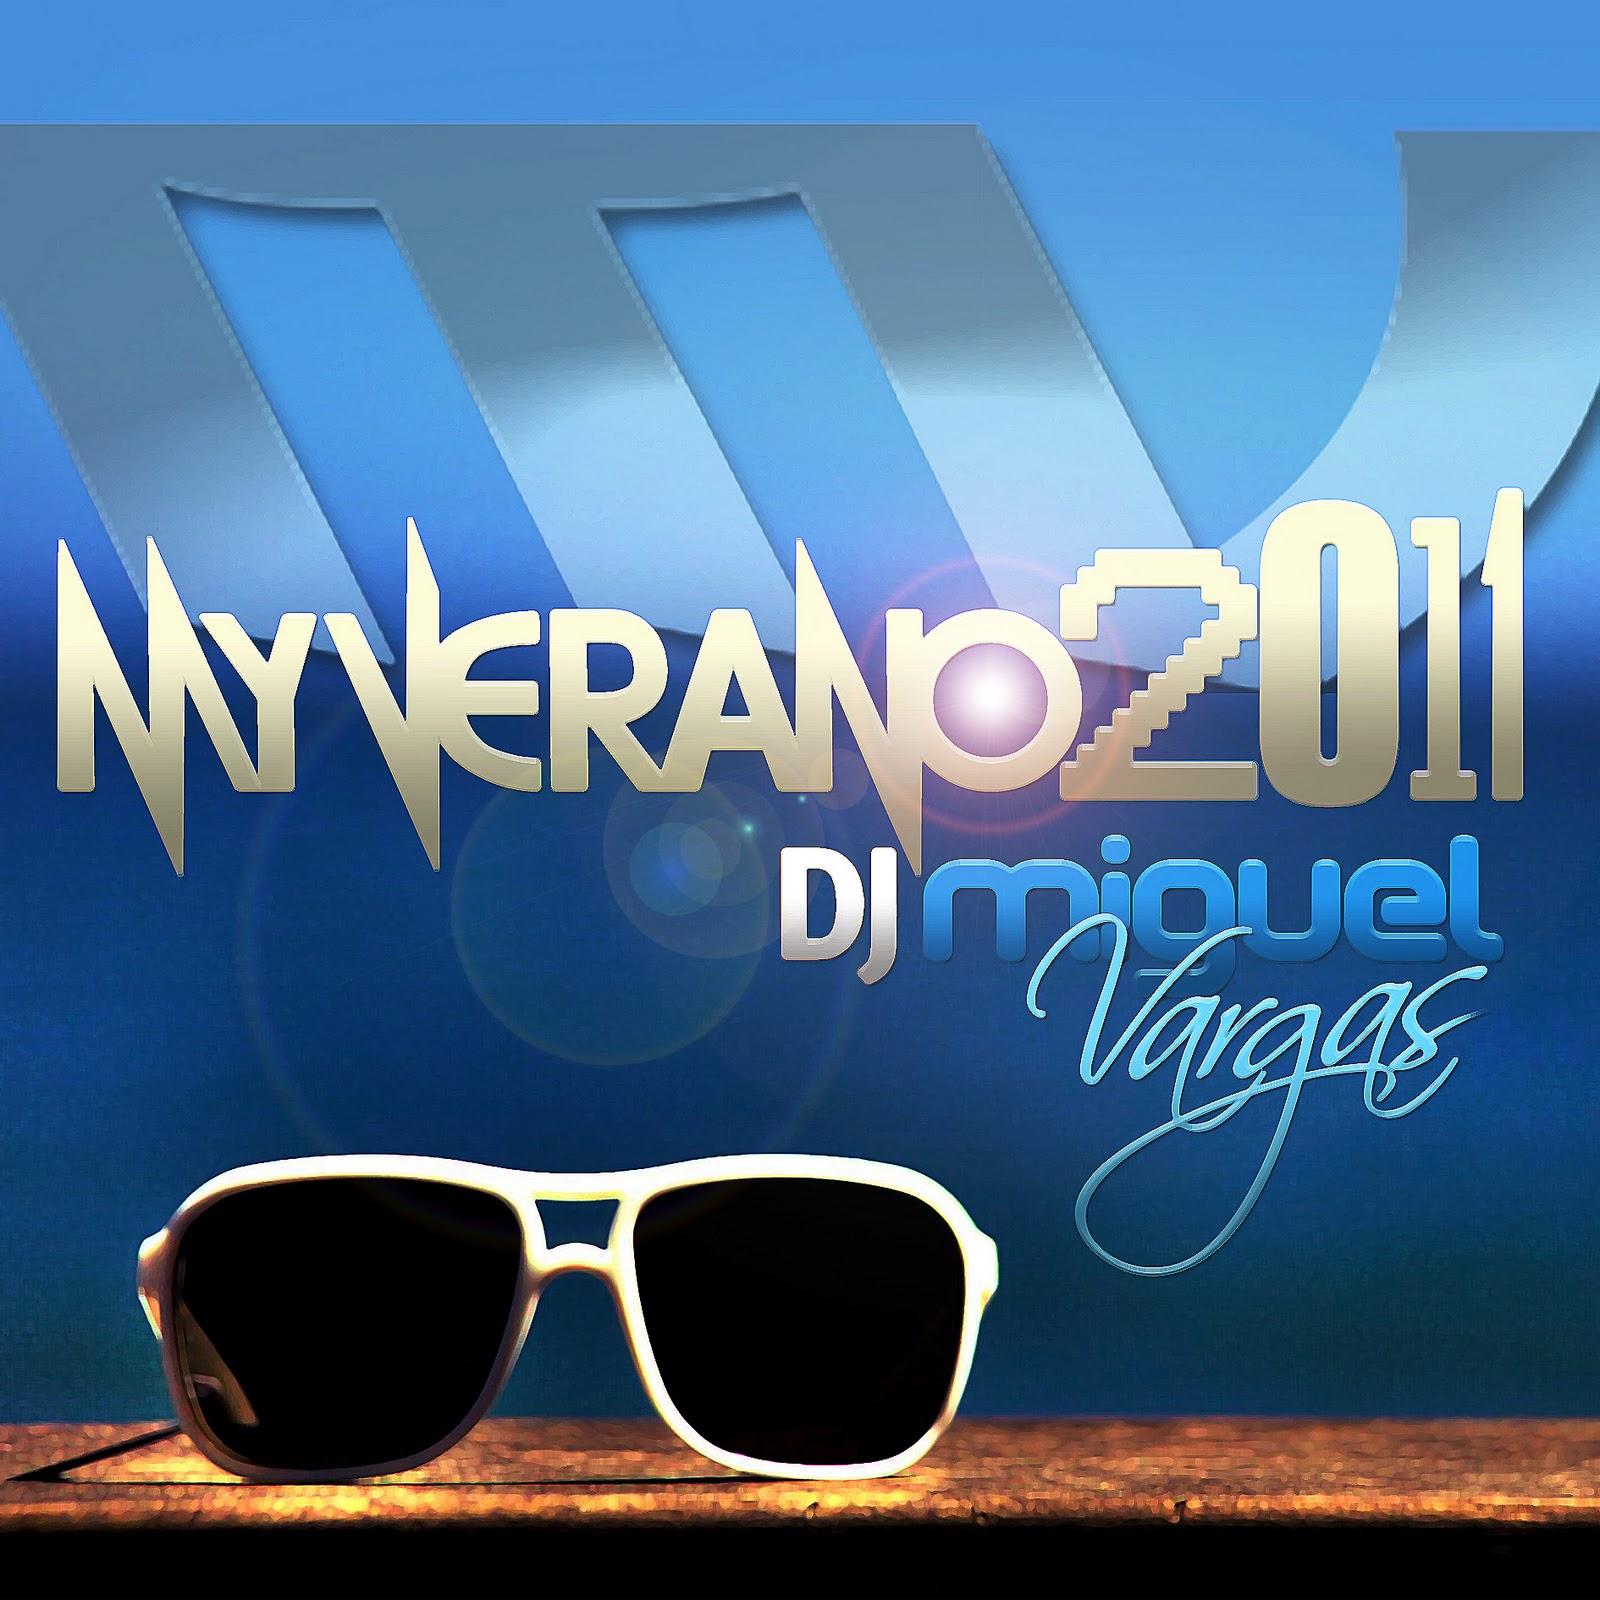 http://2.bp.blogspot.com/_EHhhJ-axjrw/TTy84YgJKnI/AAAAAAAACNg/tZmEUuIkFq8/s1600/edSign+-+Miguel+Vargas+-+MY+VERANO+2011+-+www.djmaxyvan.com.ar.jpg